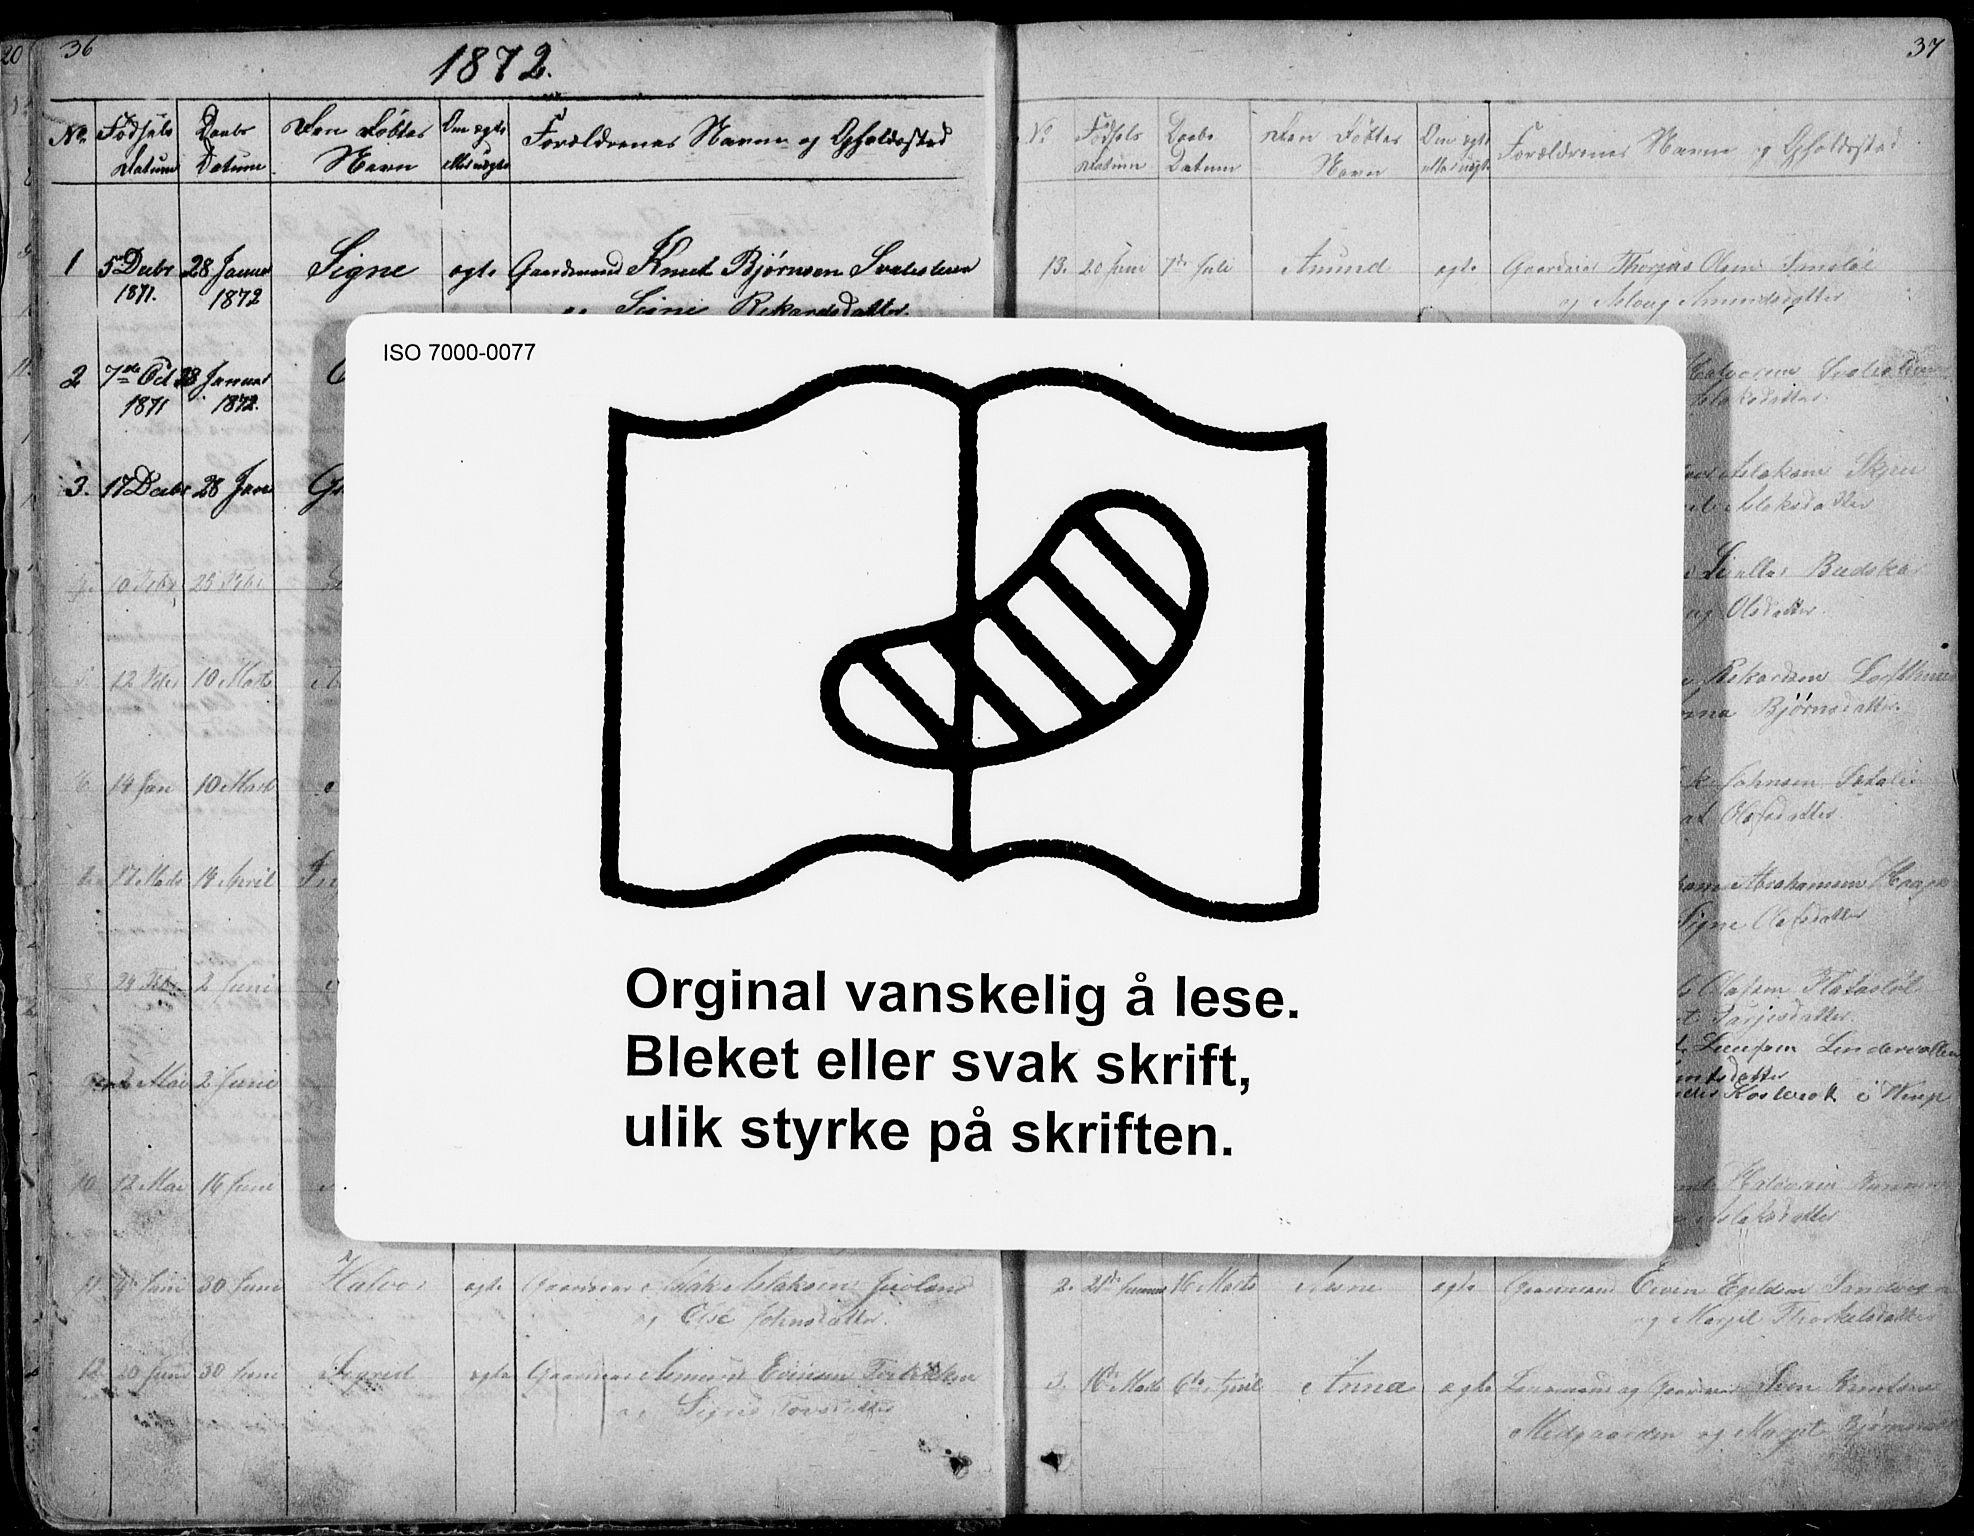 SAKO, Rauland kirkebøker, G/Ga/L0002: Klokkerbok nr. I 2, 1849-1935, s. 36-37